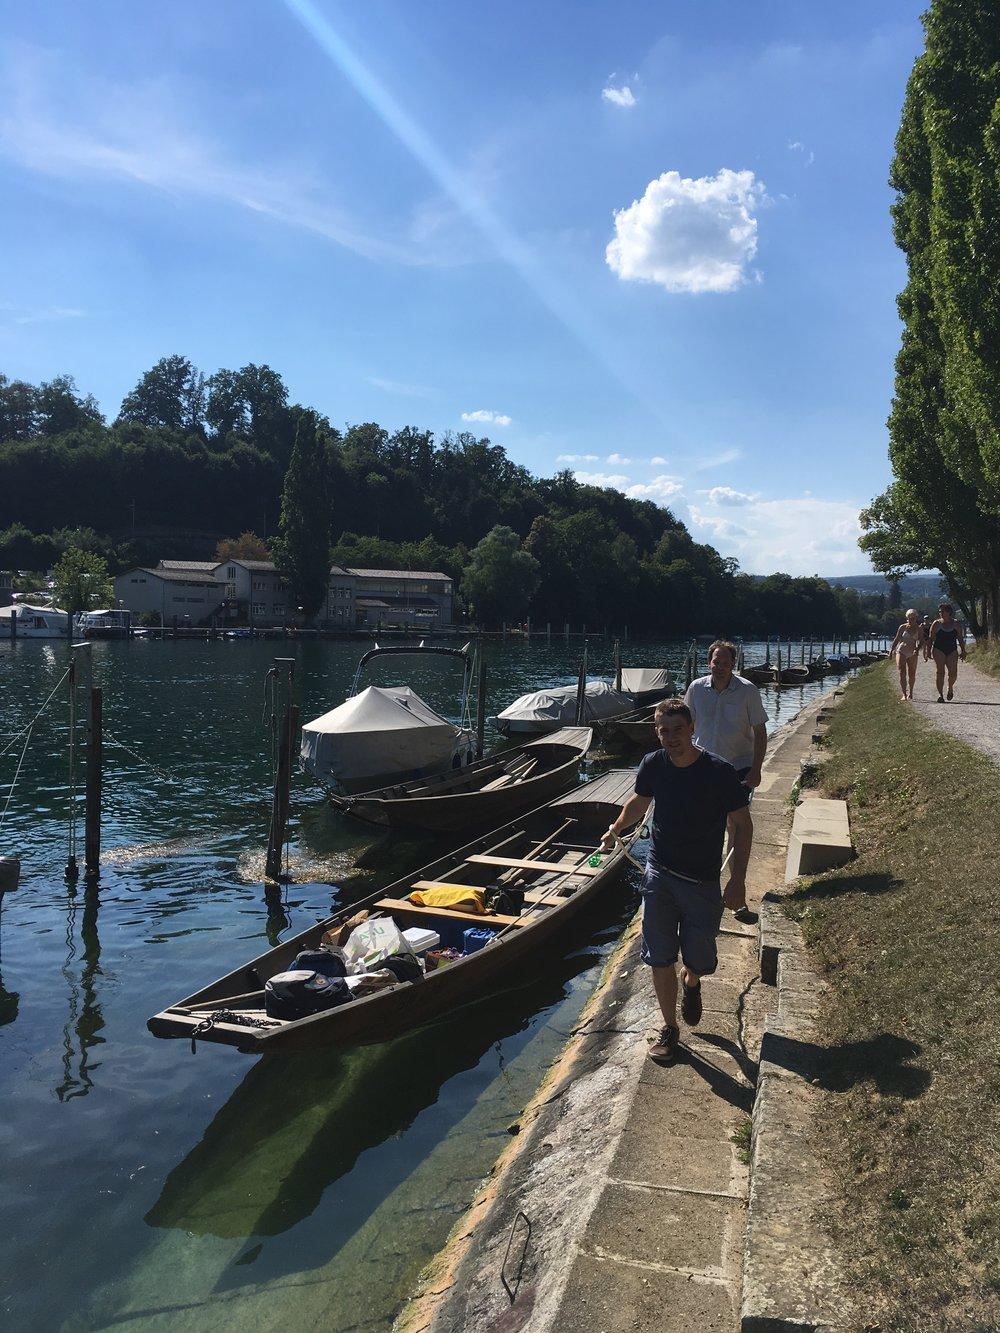 Weidlingsfahrt 2018 - IHT Rafz begab sich an einem sonnigen Freitag Ende Juli nach Schaffhausen zu einem Teamanlass auf und neben dem Rhein.